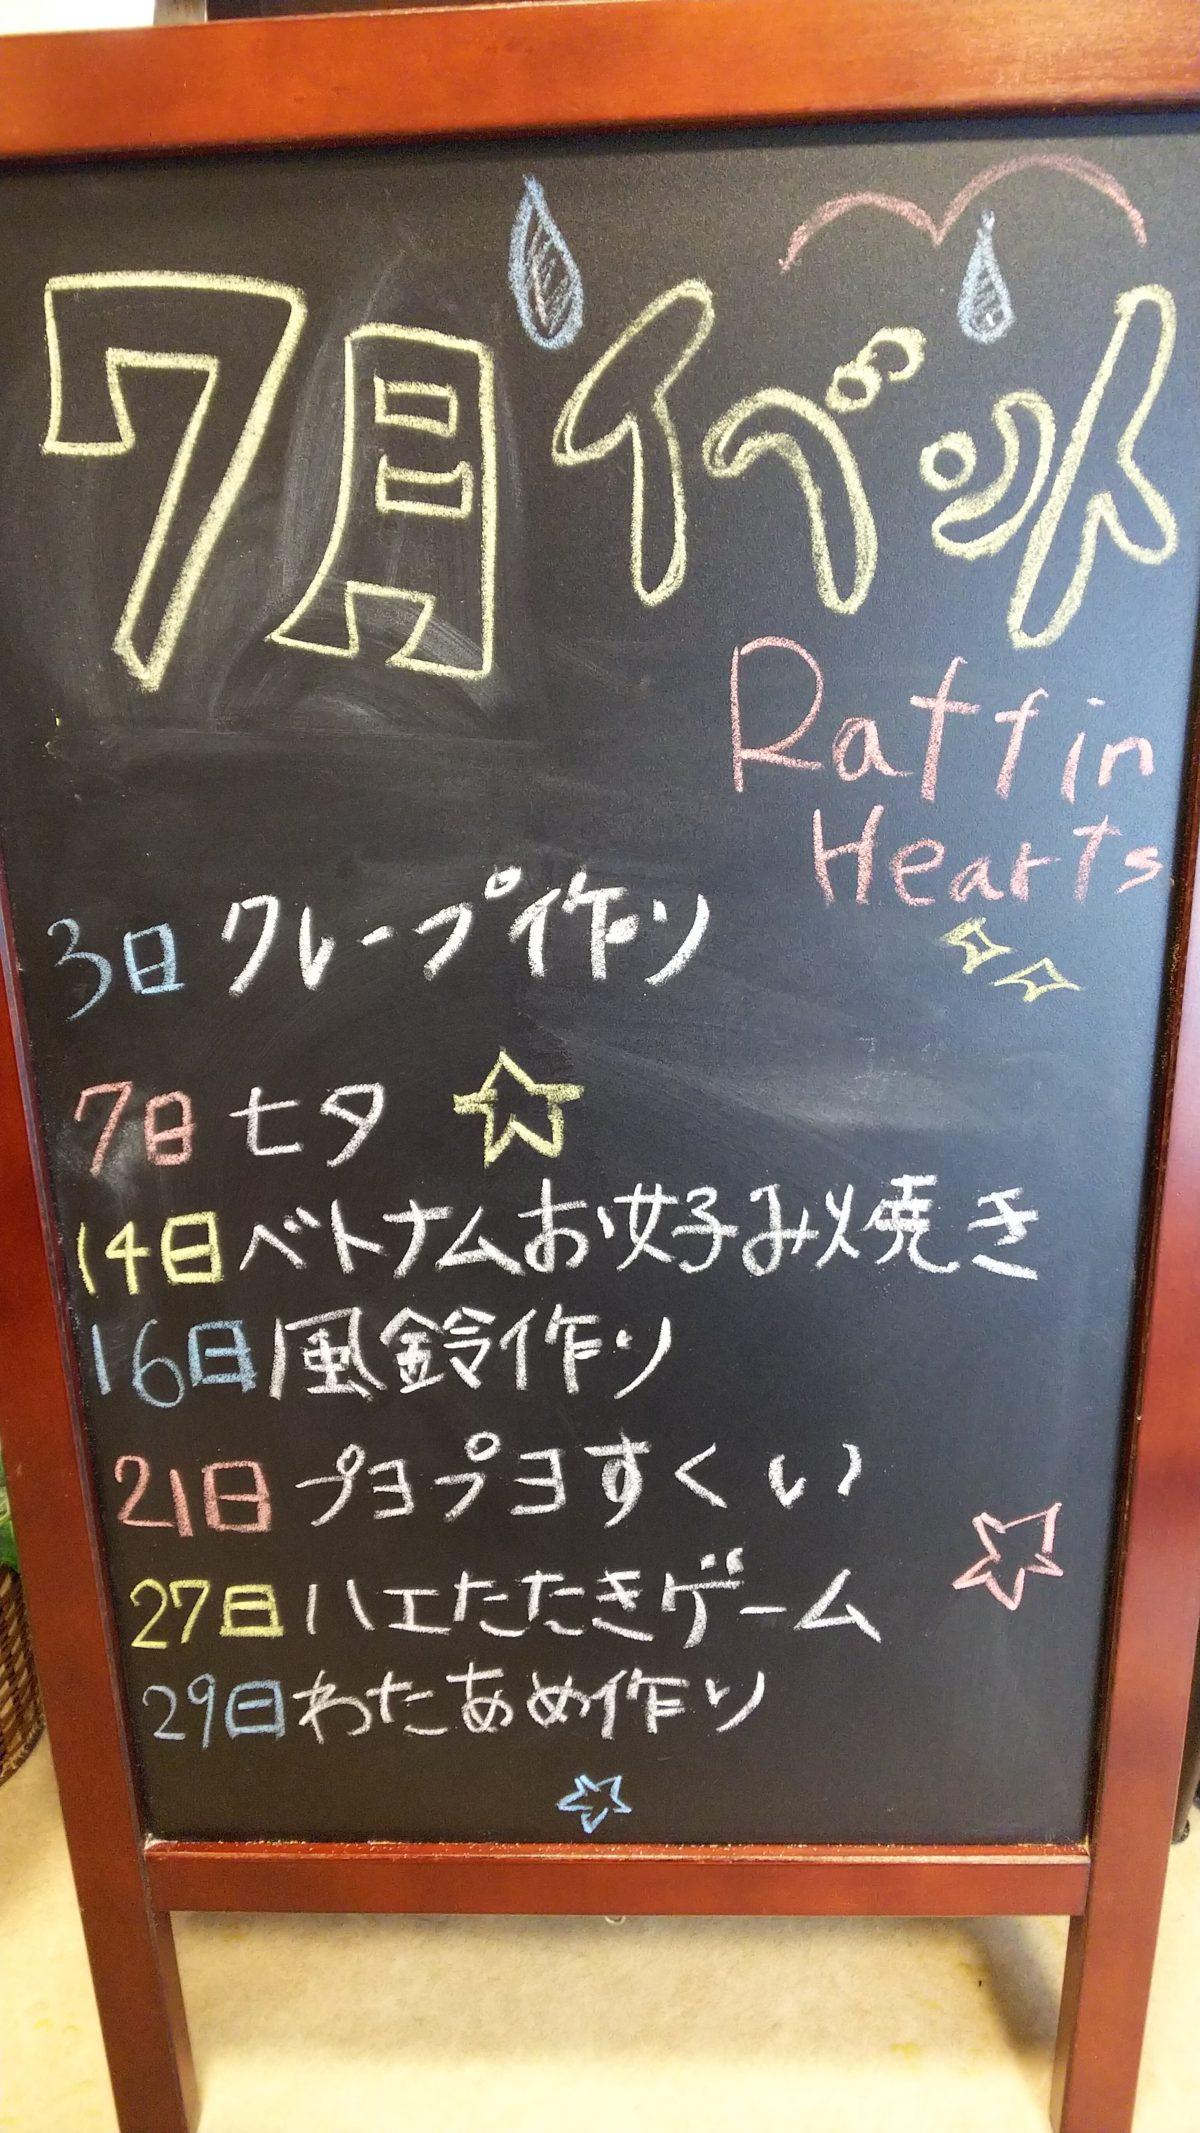 【寝屋川】7月のイベント‼️